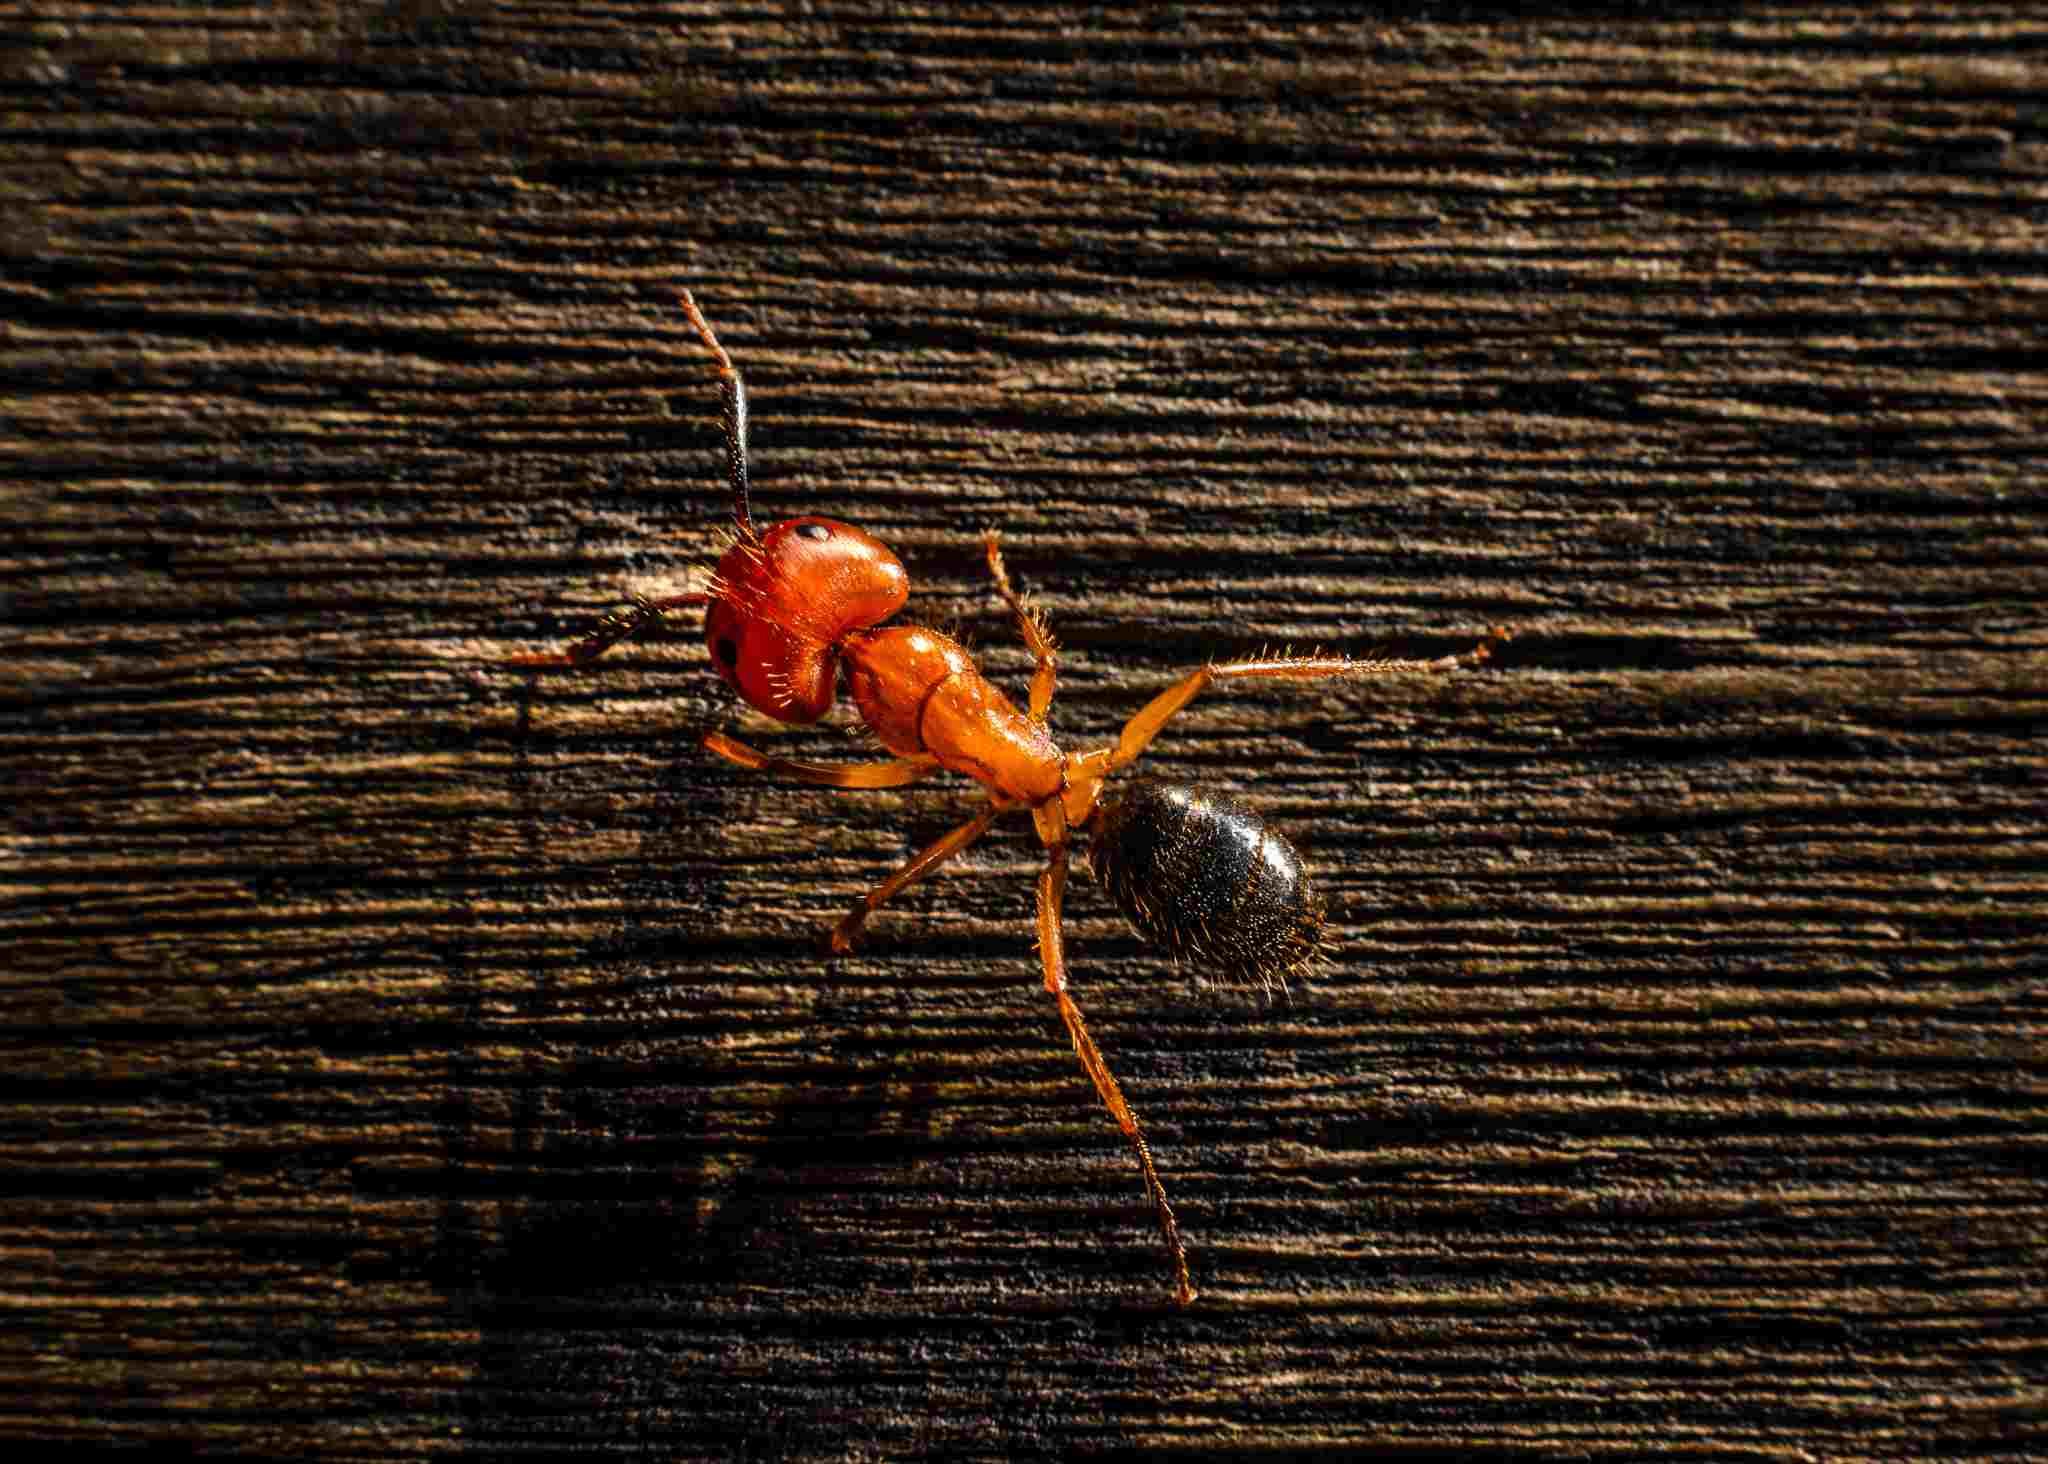 Огненные муравьи: описание и фото